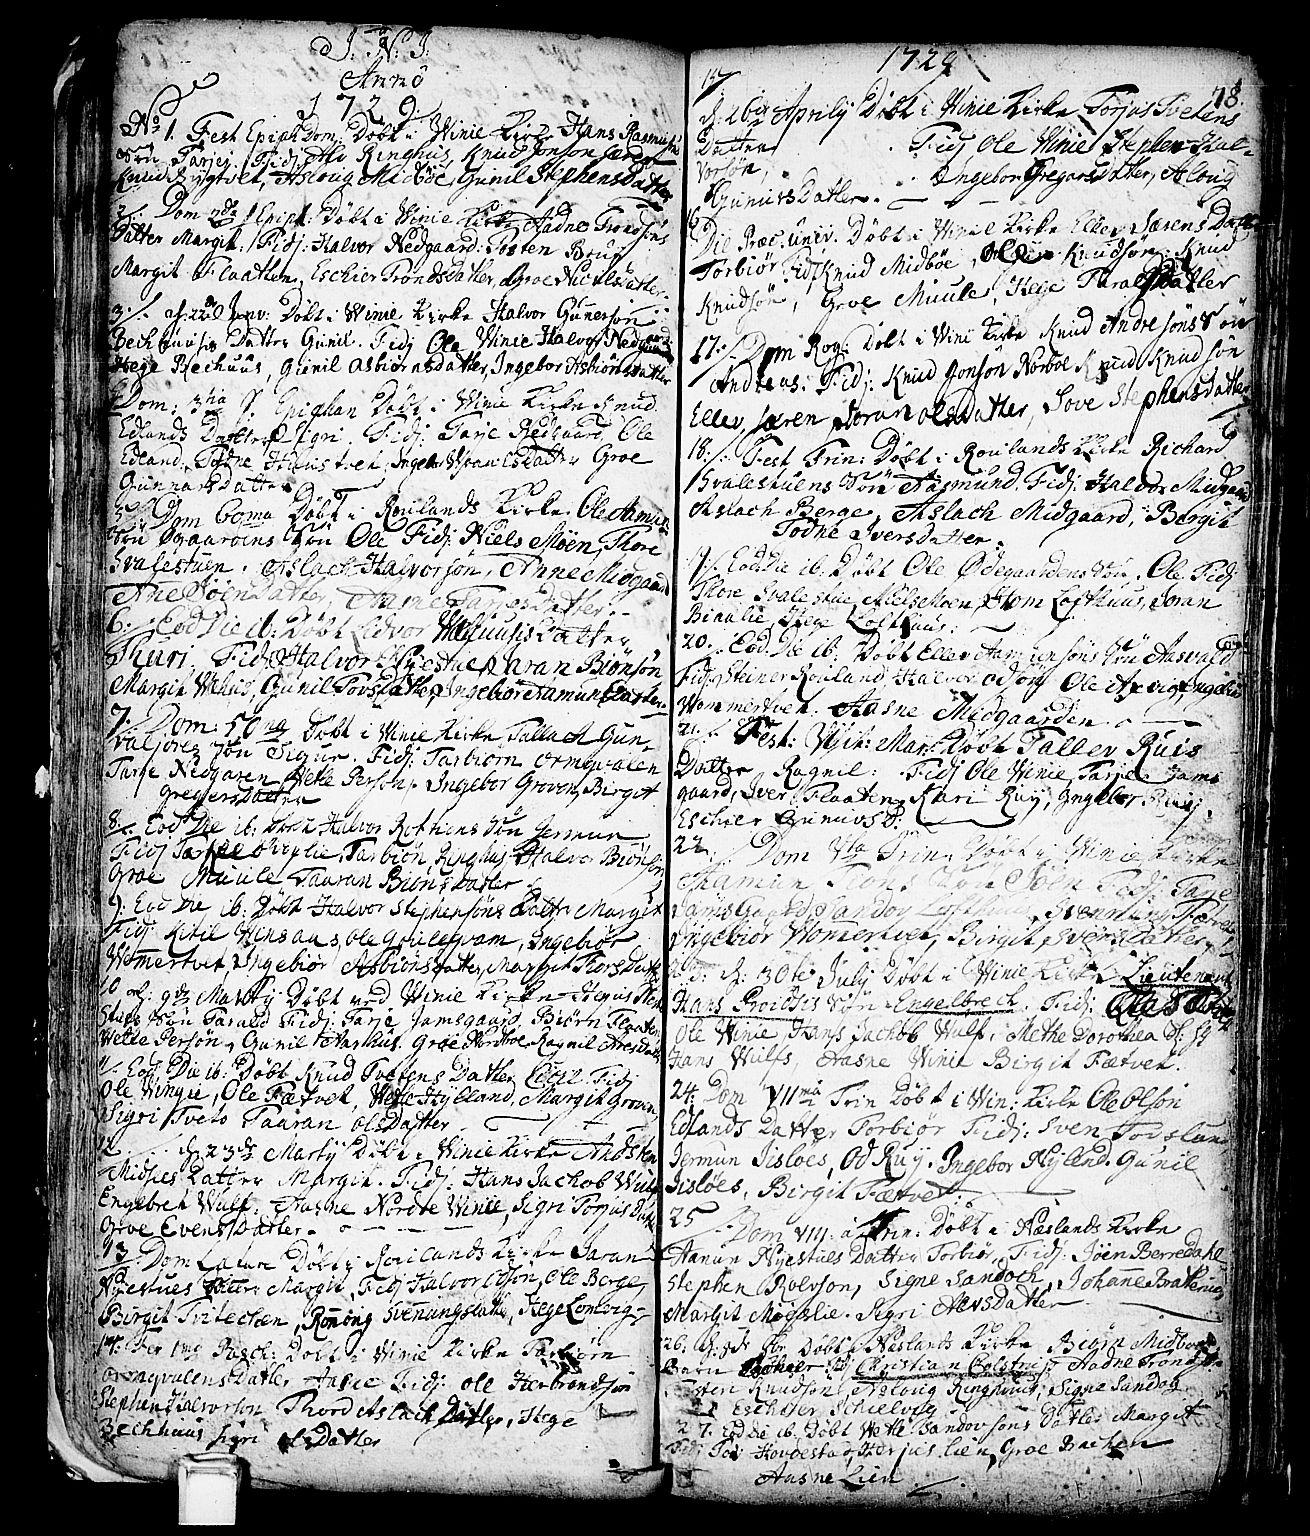 SAKO, Vinje kirkebøker, F/Fa/L0001: Ministerialbok nr. I 1, 1717-1766, s. 78